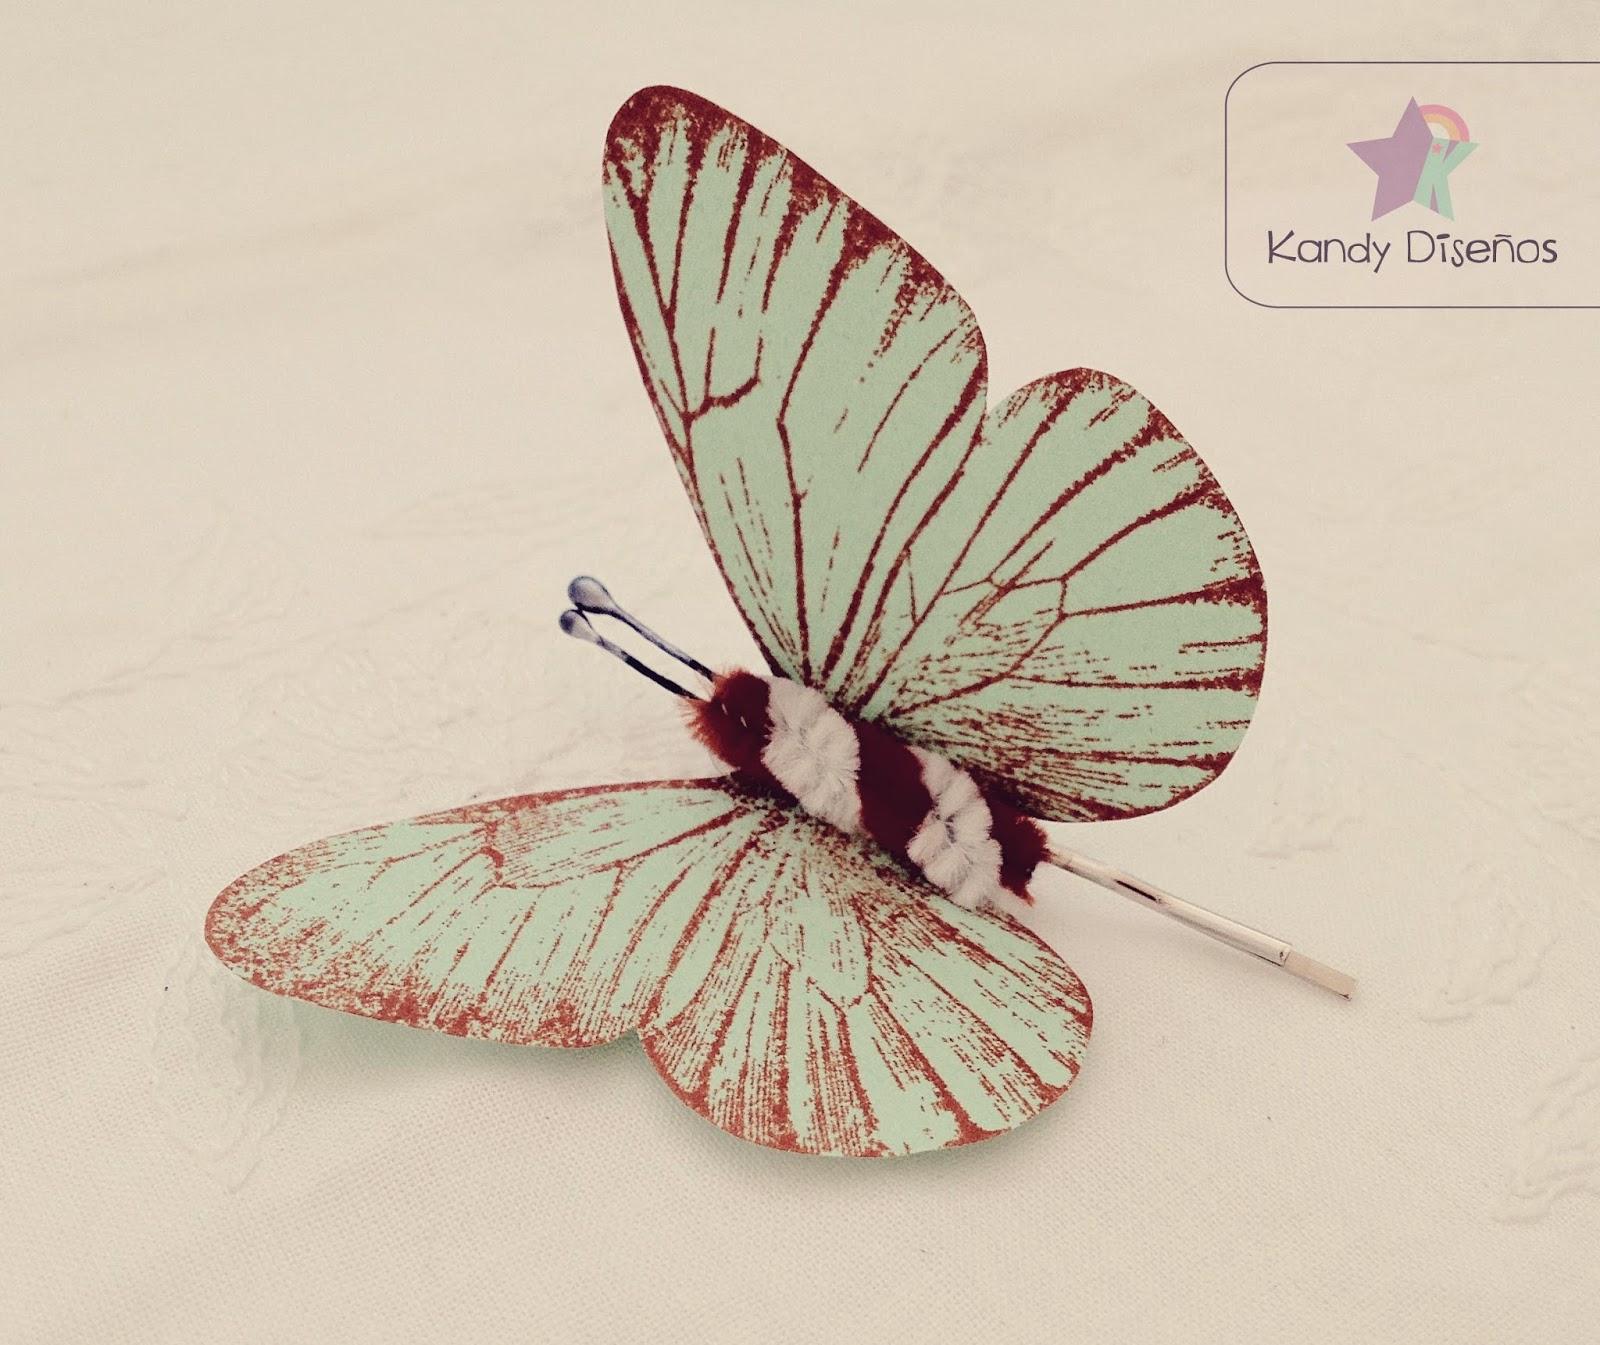 https://www.etsy.com/listing/105232690/butterfly-bobby-pin-mint-butterflies?ref=tre-2723313653-1